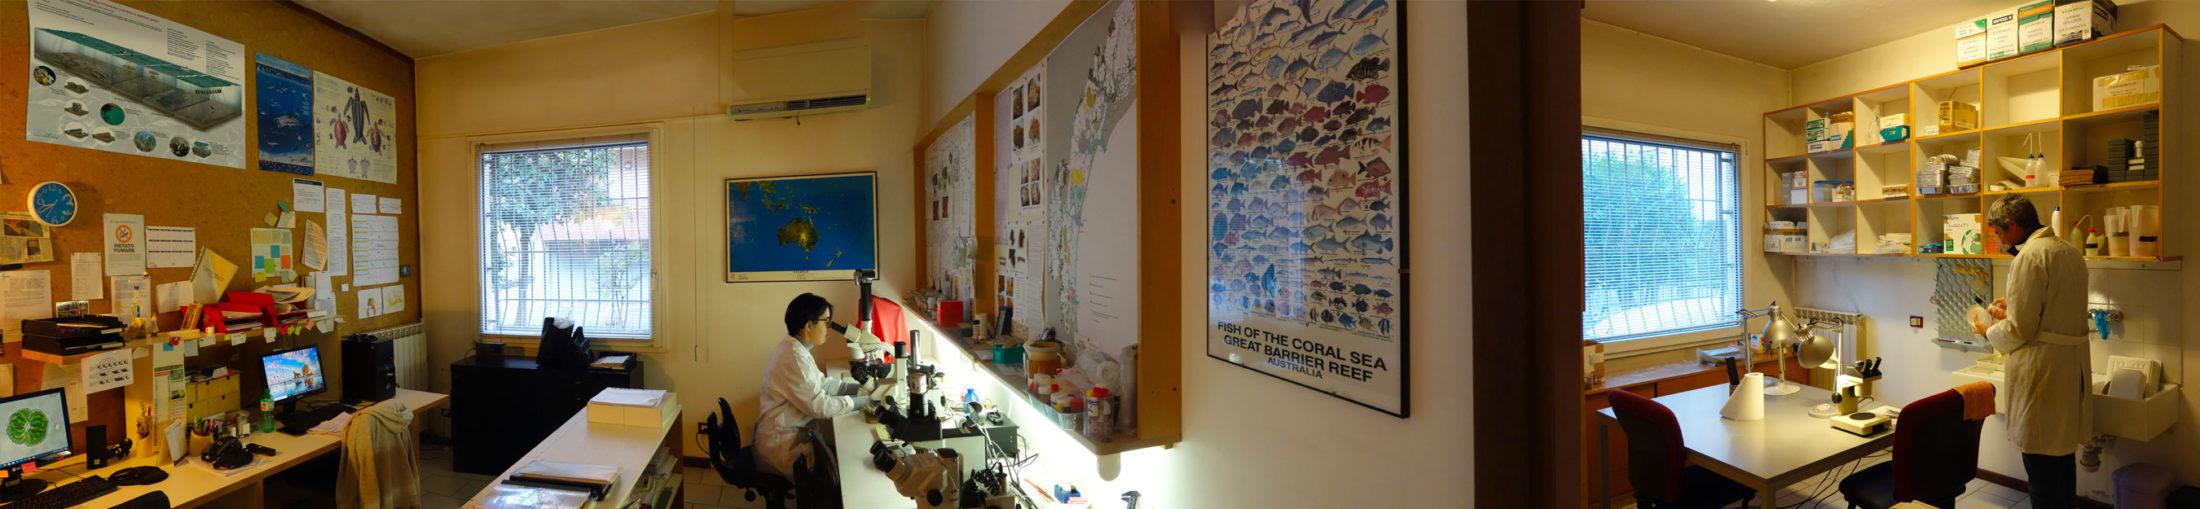 Selc laboratorio biologia